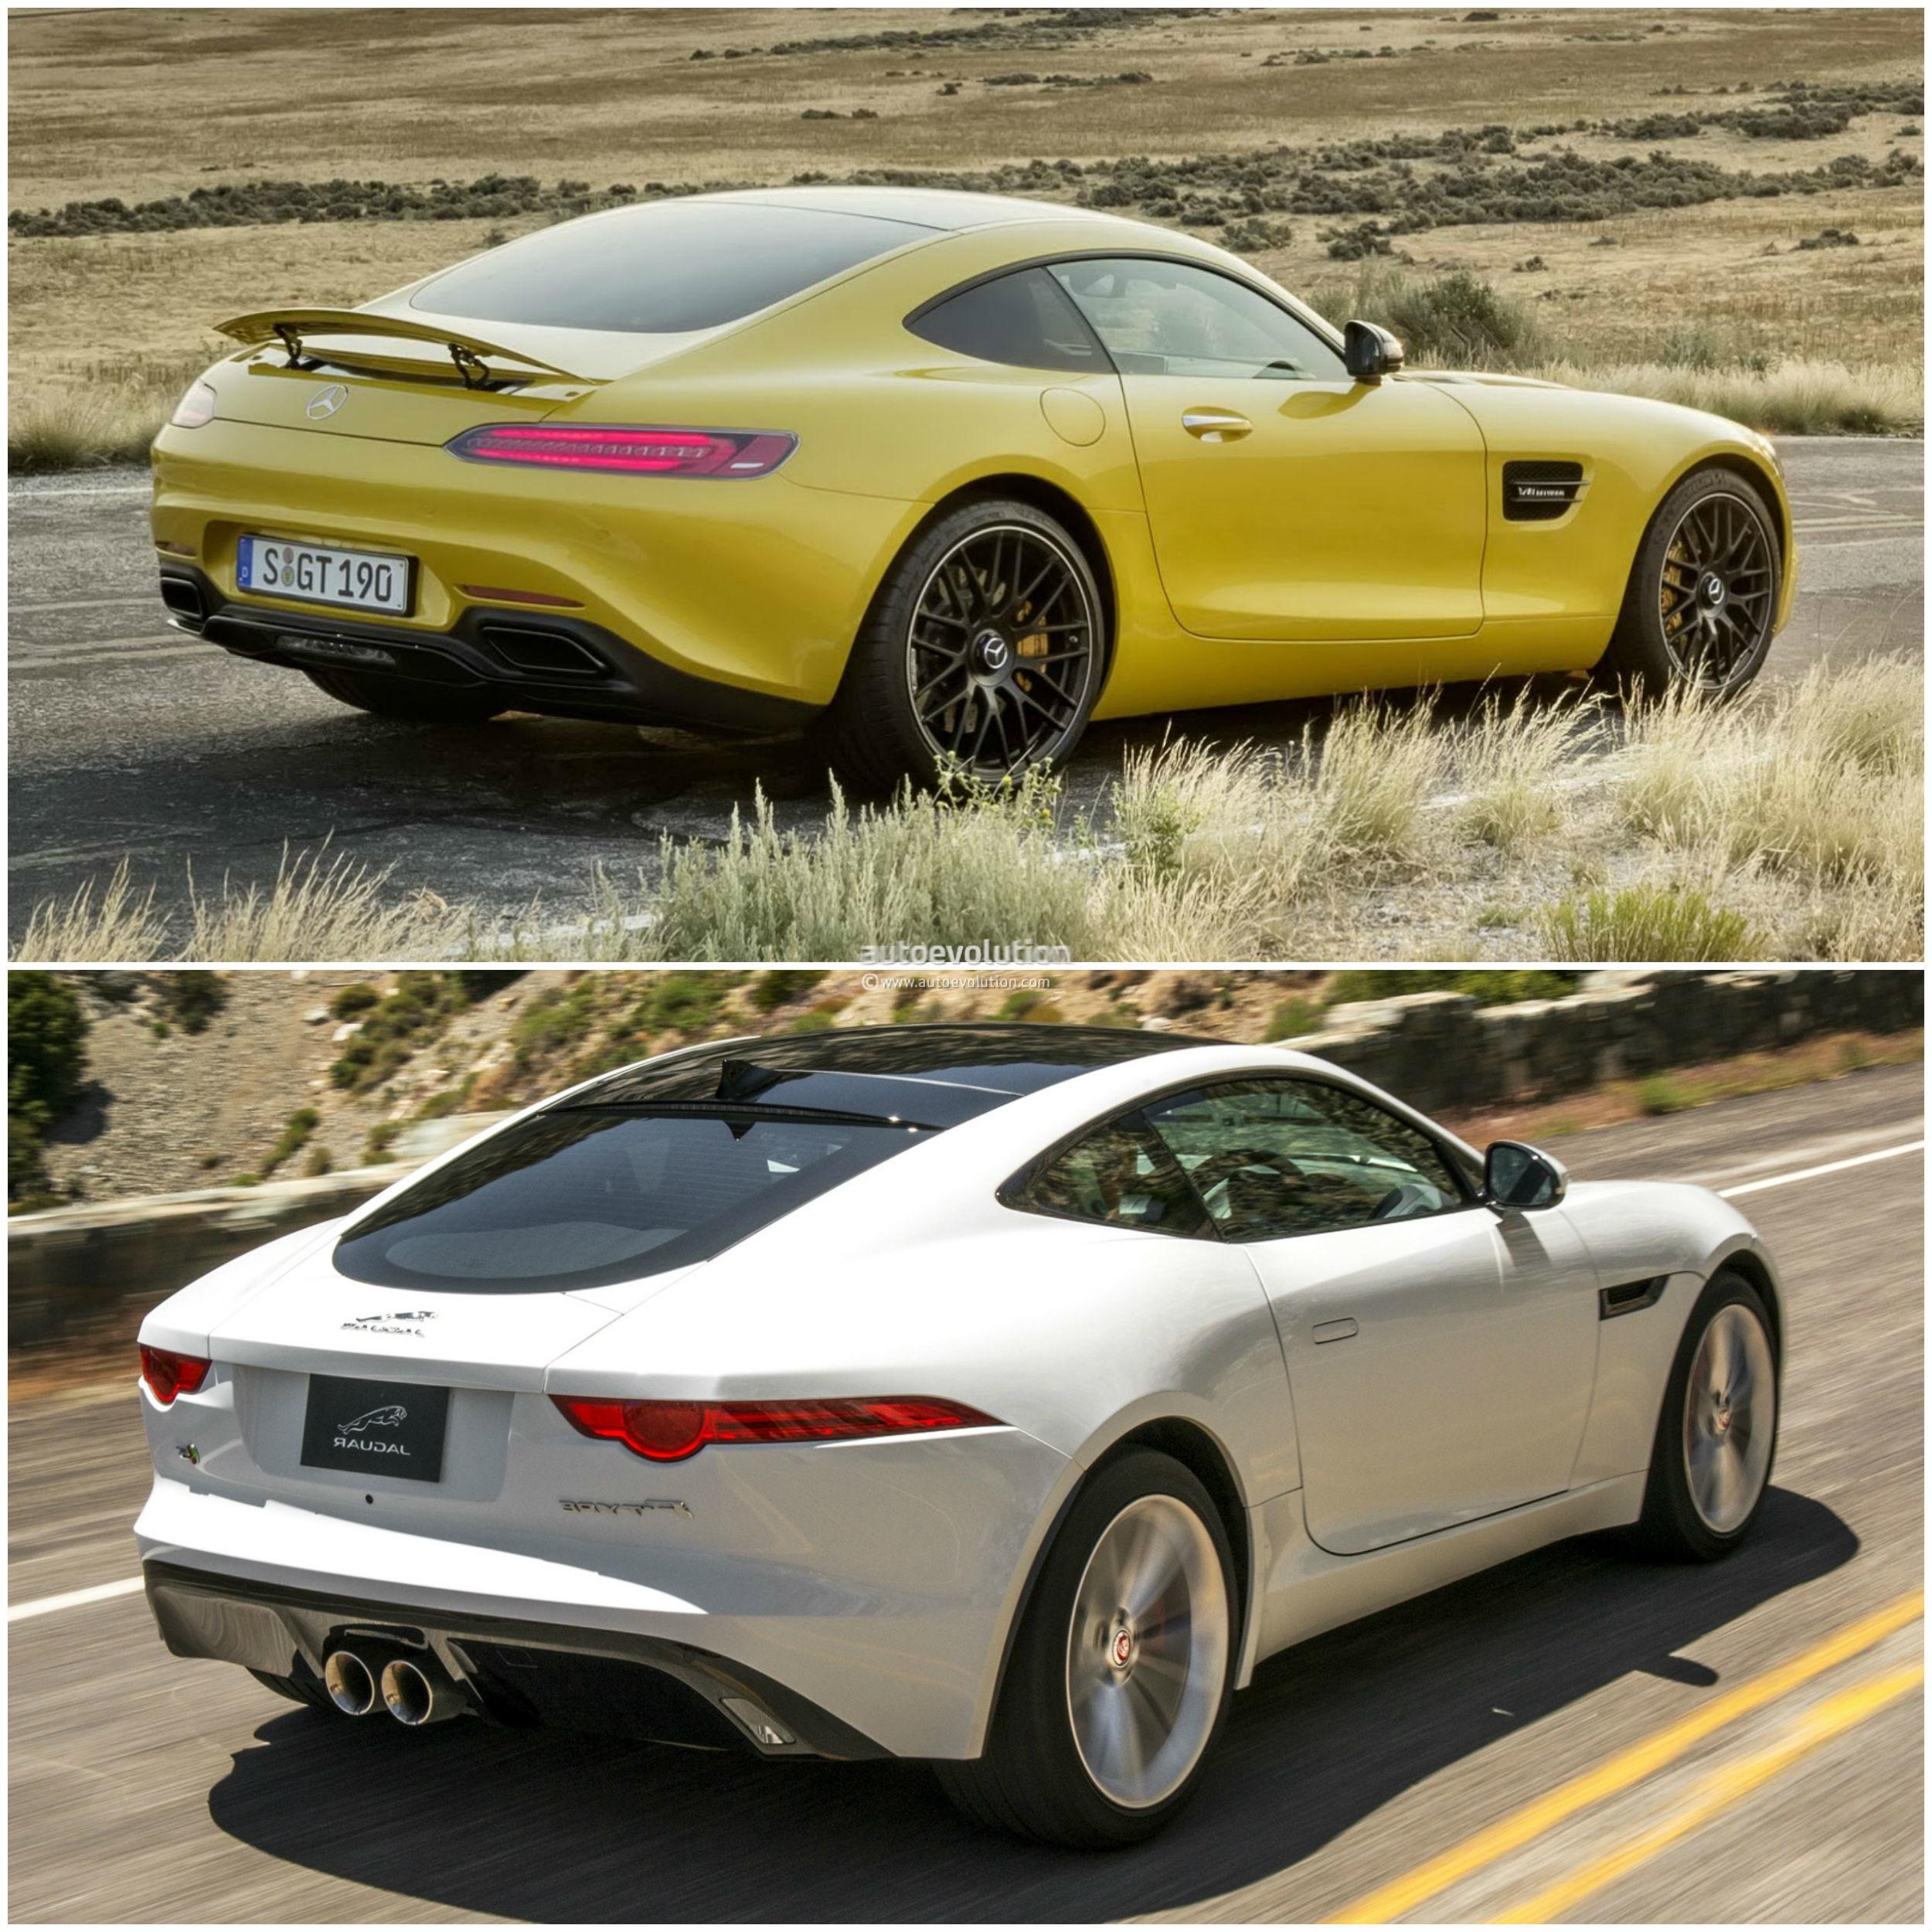 mercedes amg gt vs jaguar f type coupe photo comparison autoevolution. Black Bedroom Furniture Sets. Home Design Ideas